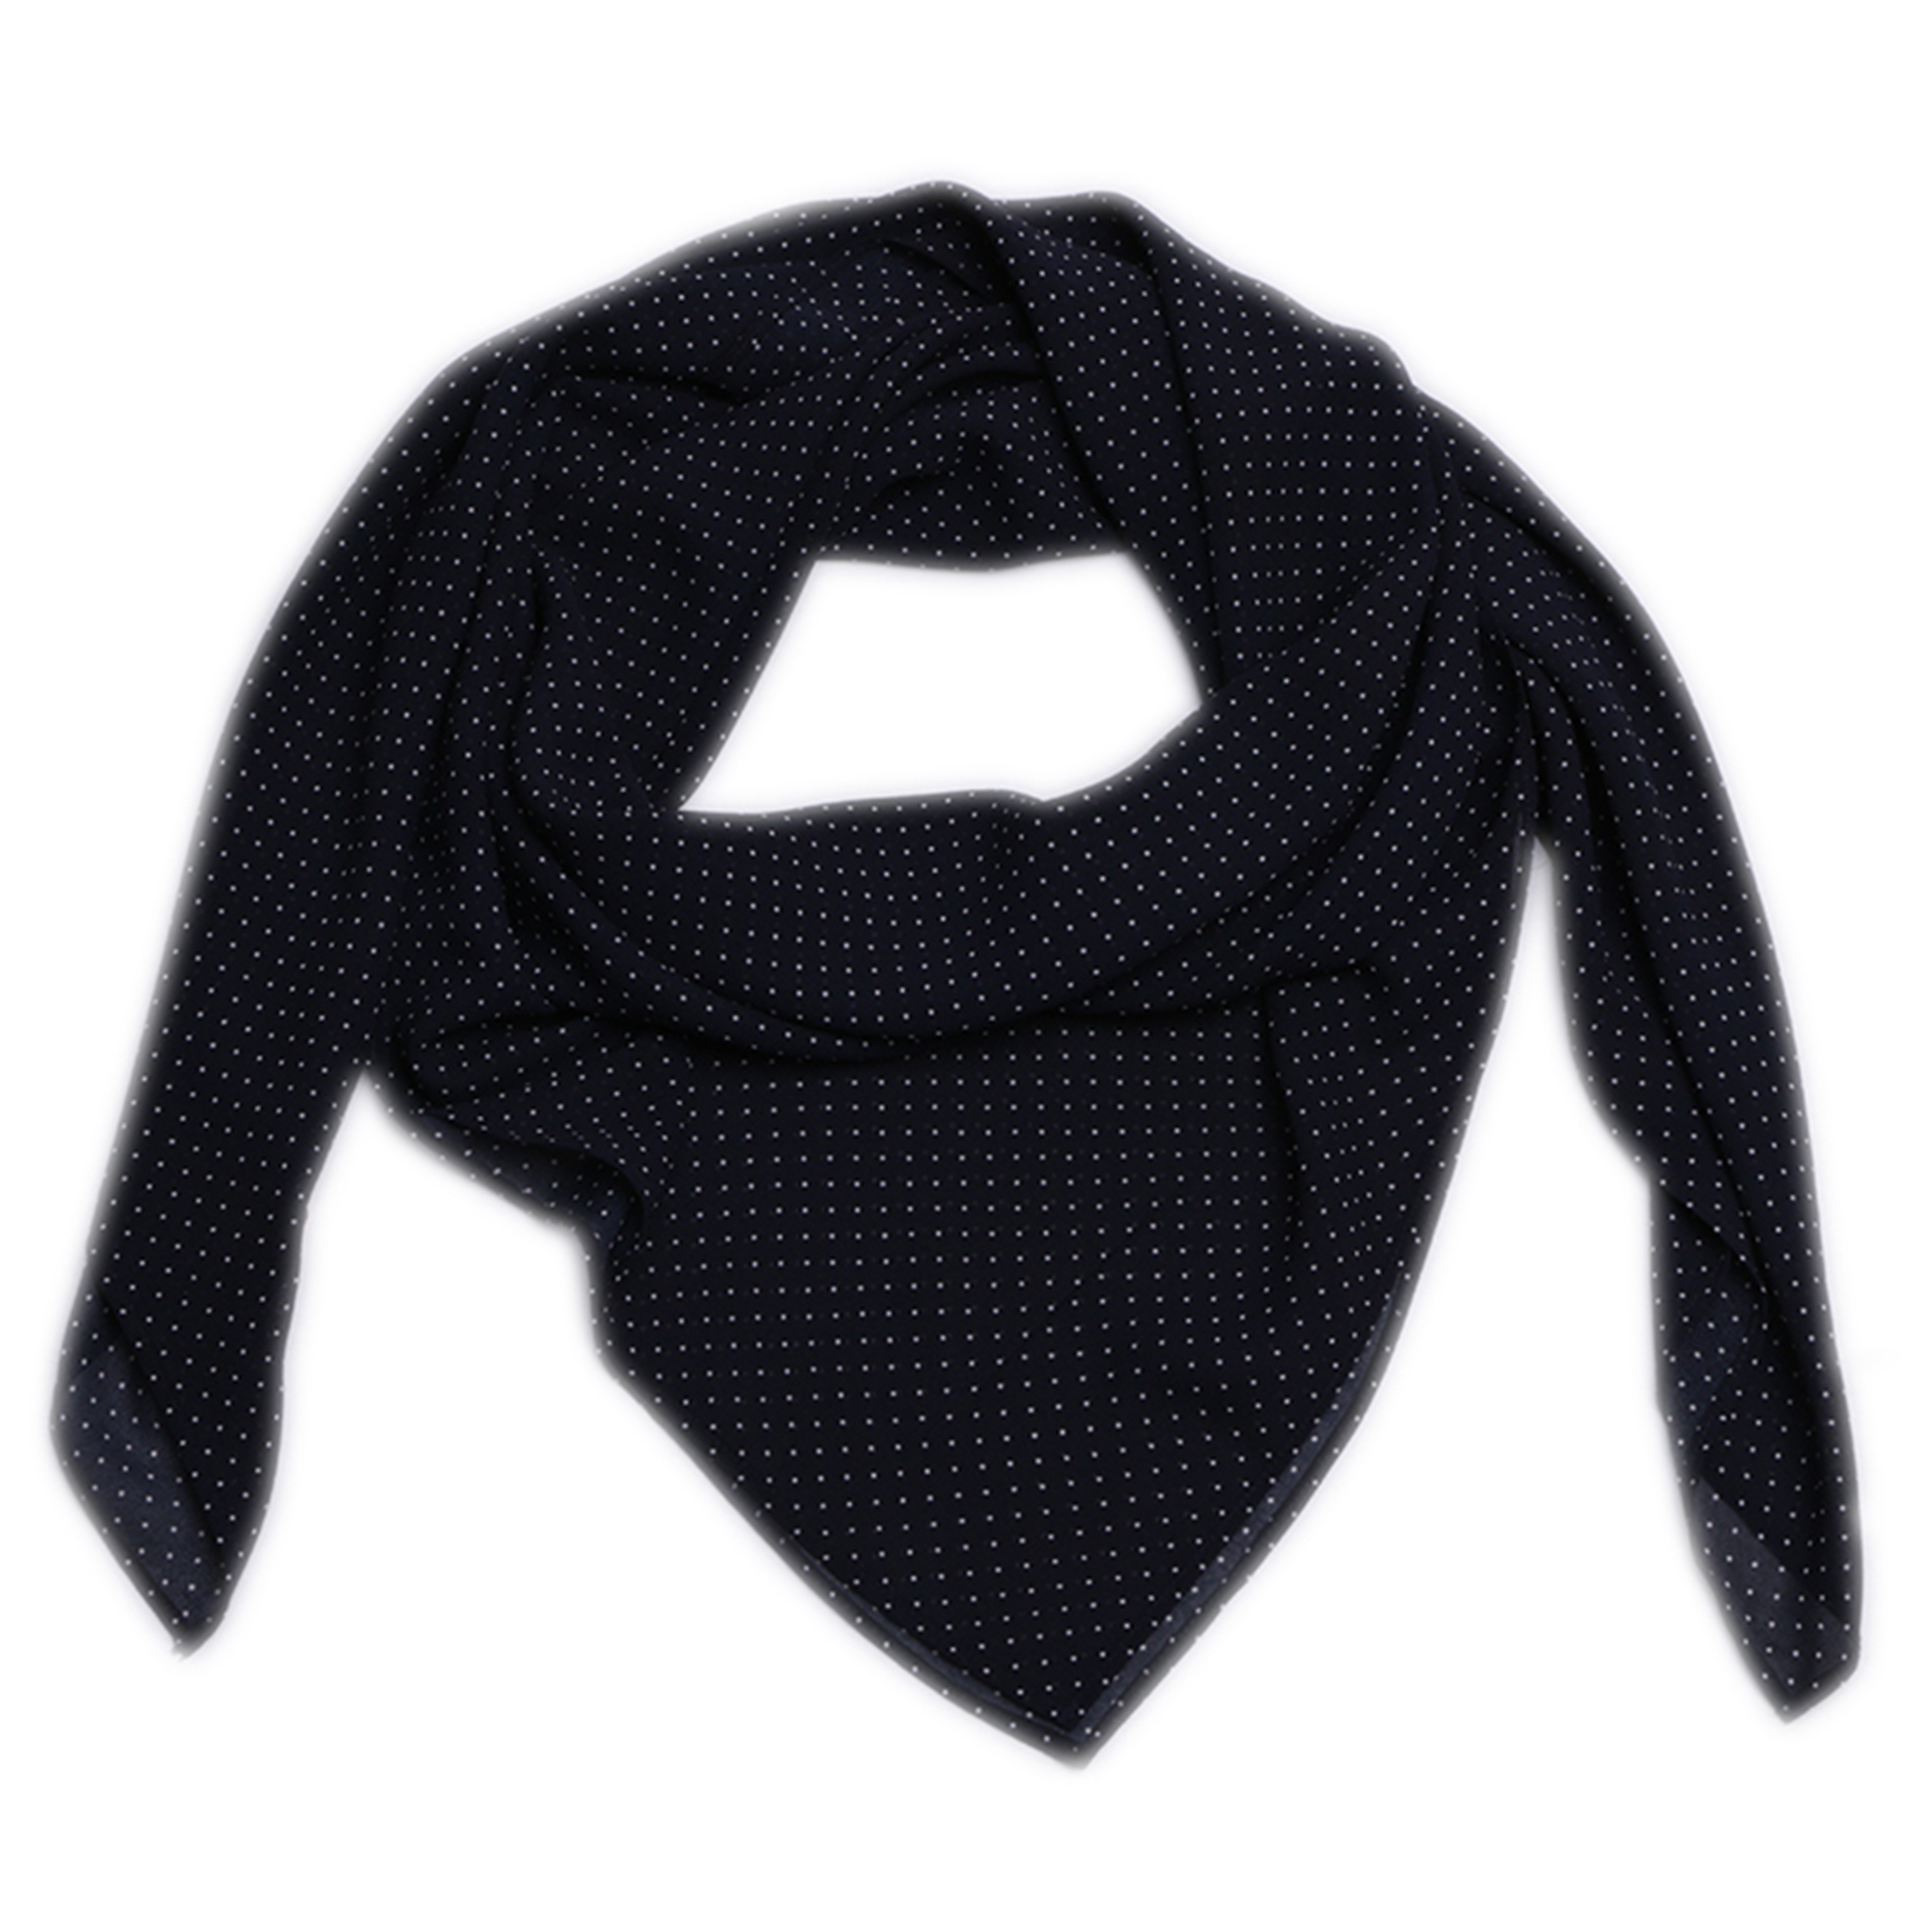 روسری حریر شمیم مدل 5074